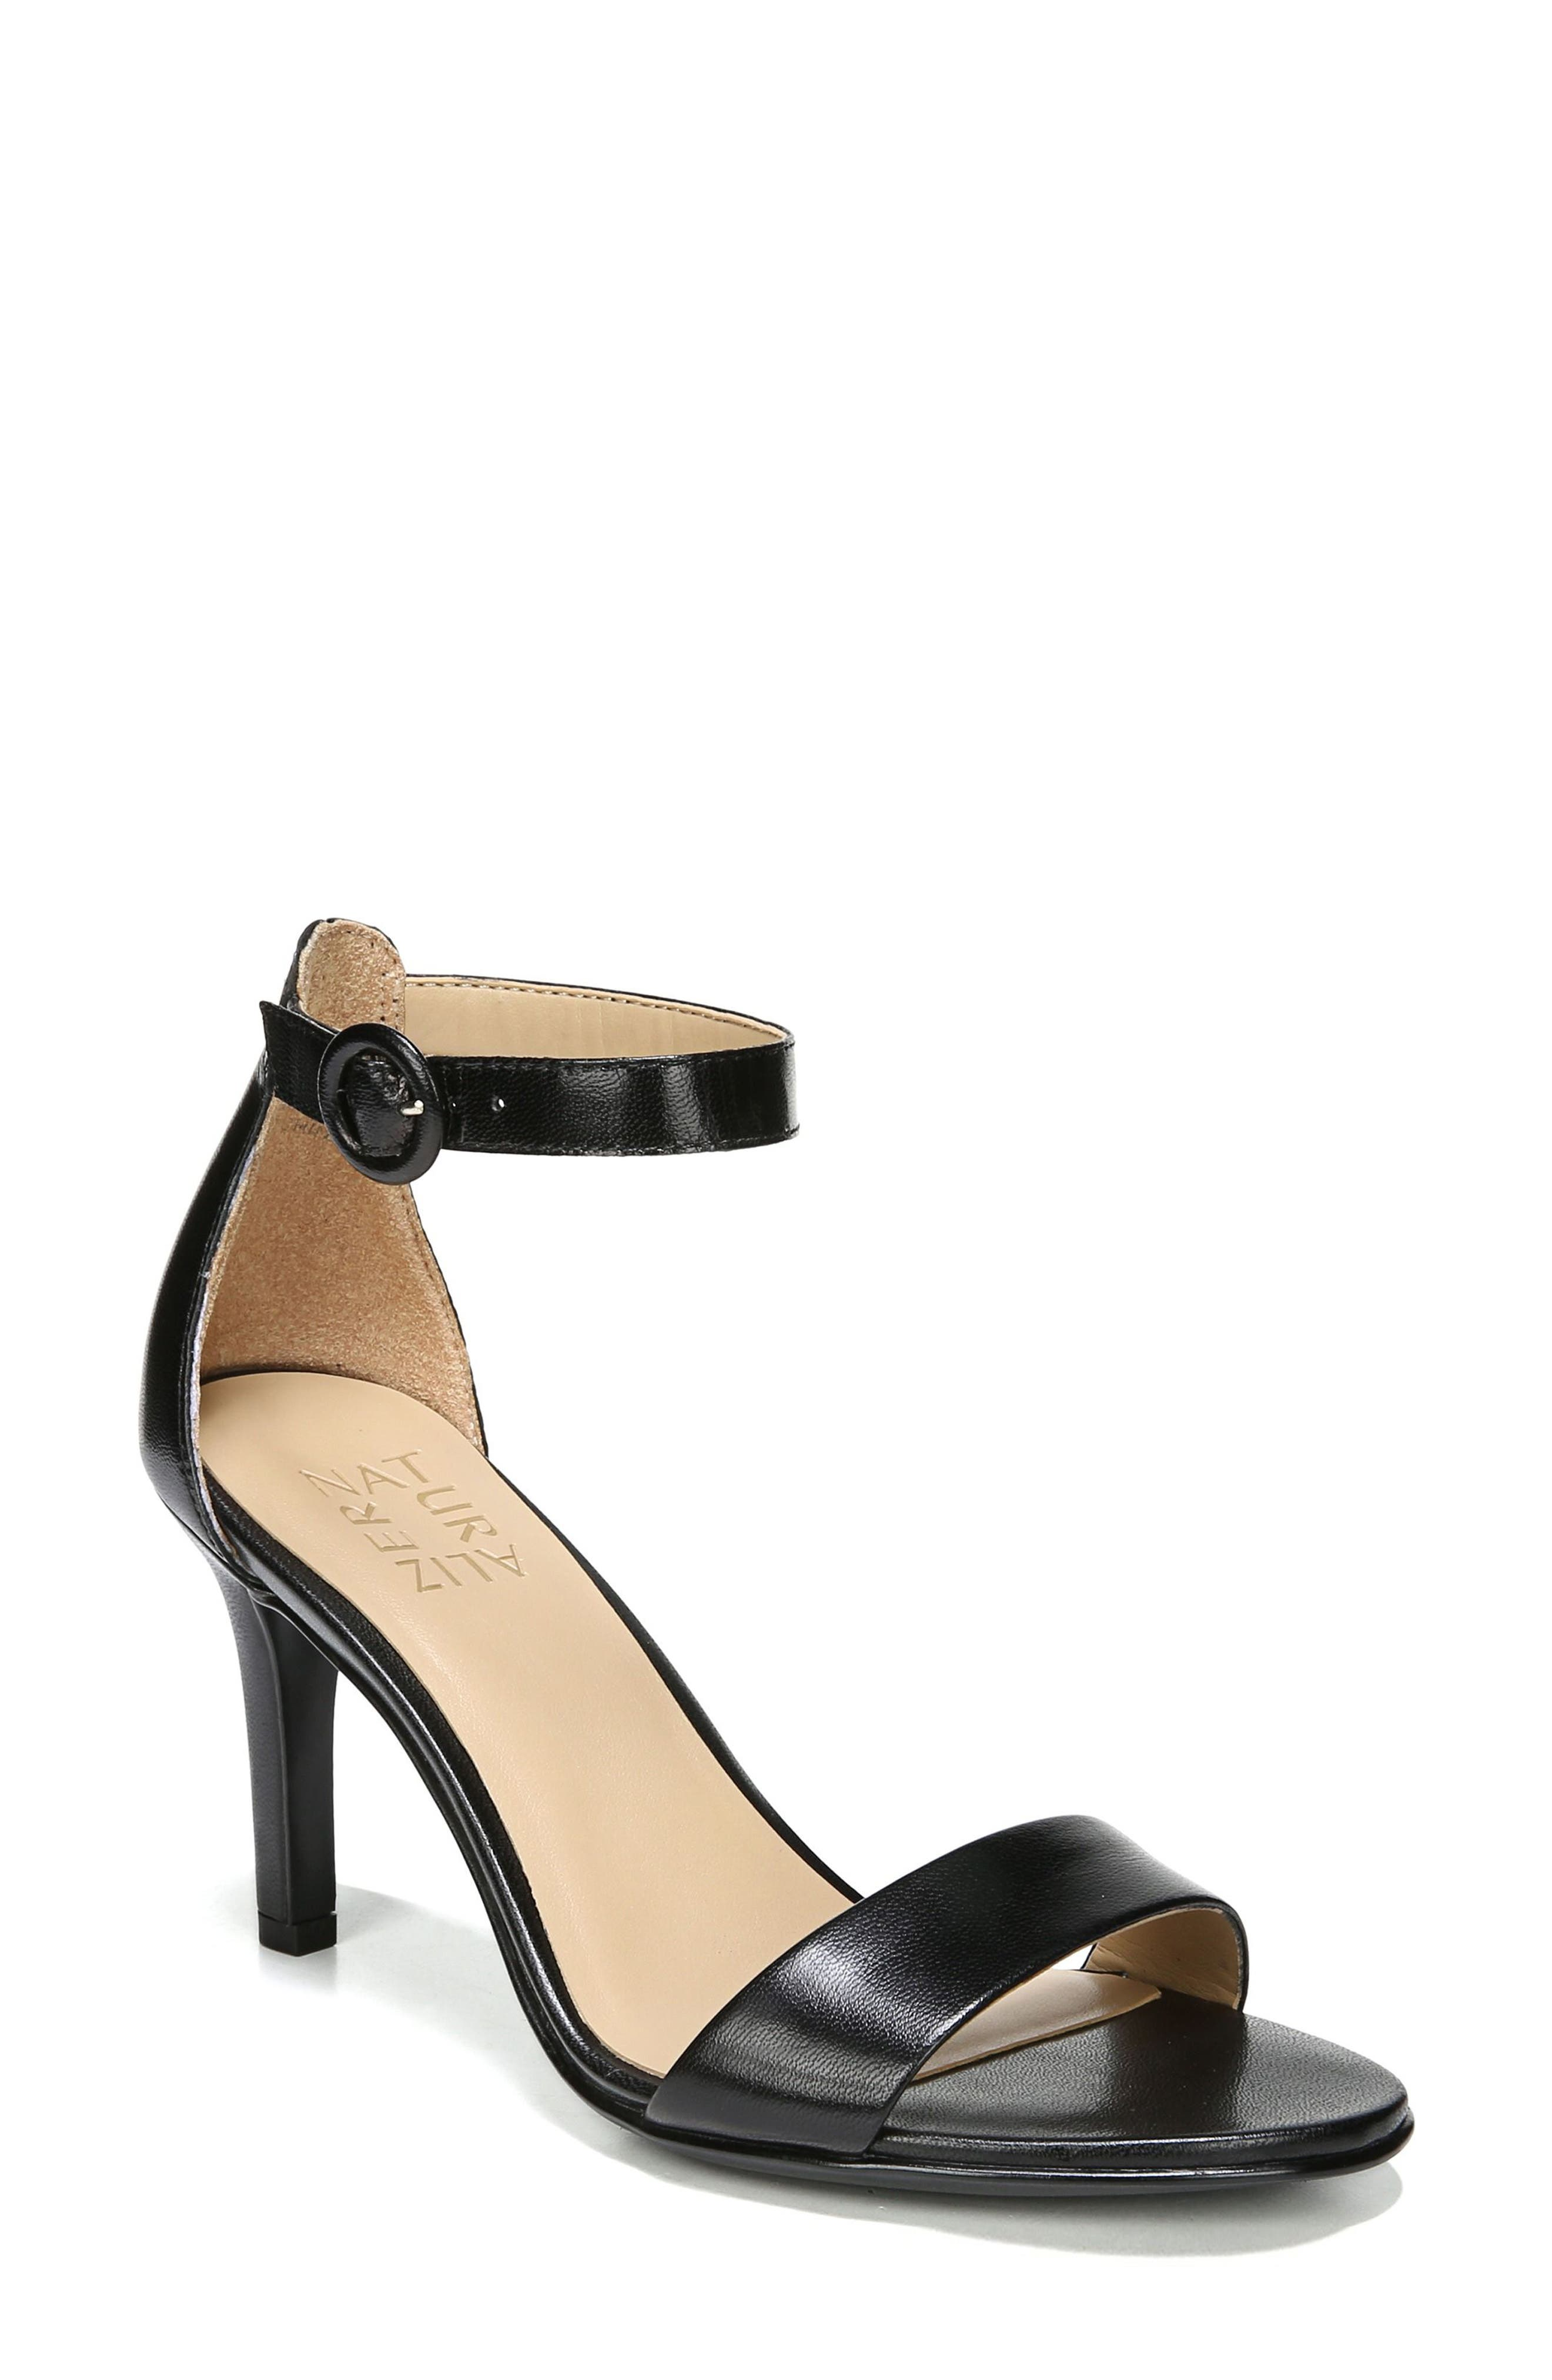 NATURALIZER Kinsley Ankle Strap Sandal, Main, color, BLACK LEATHER